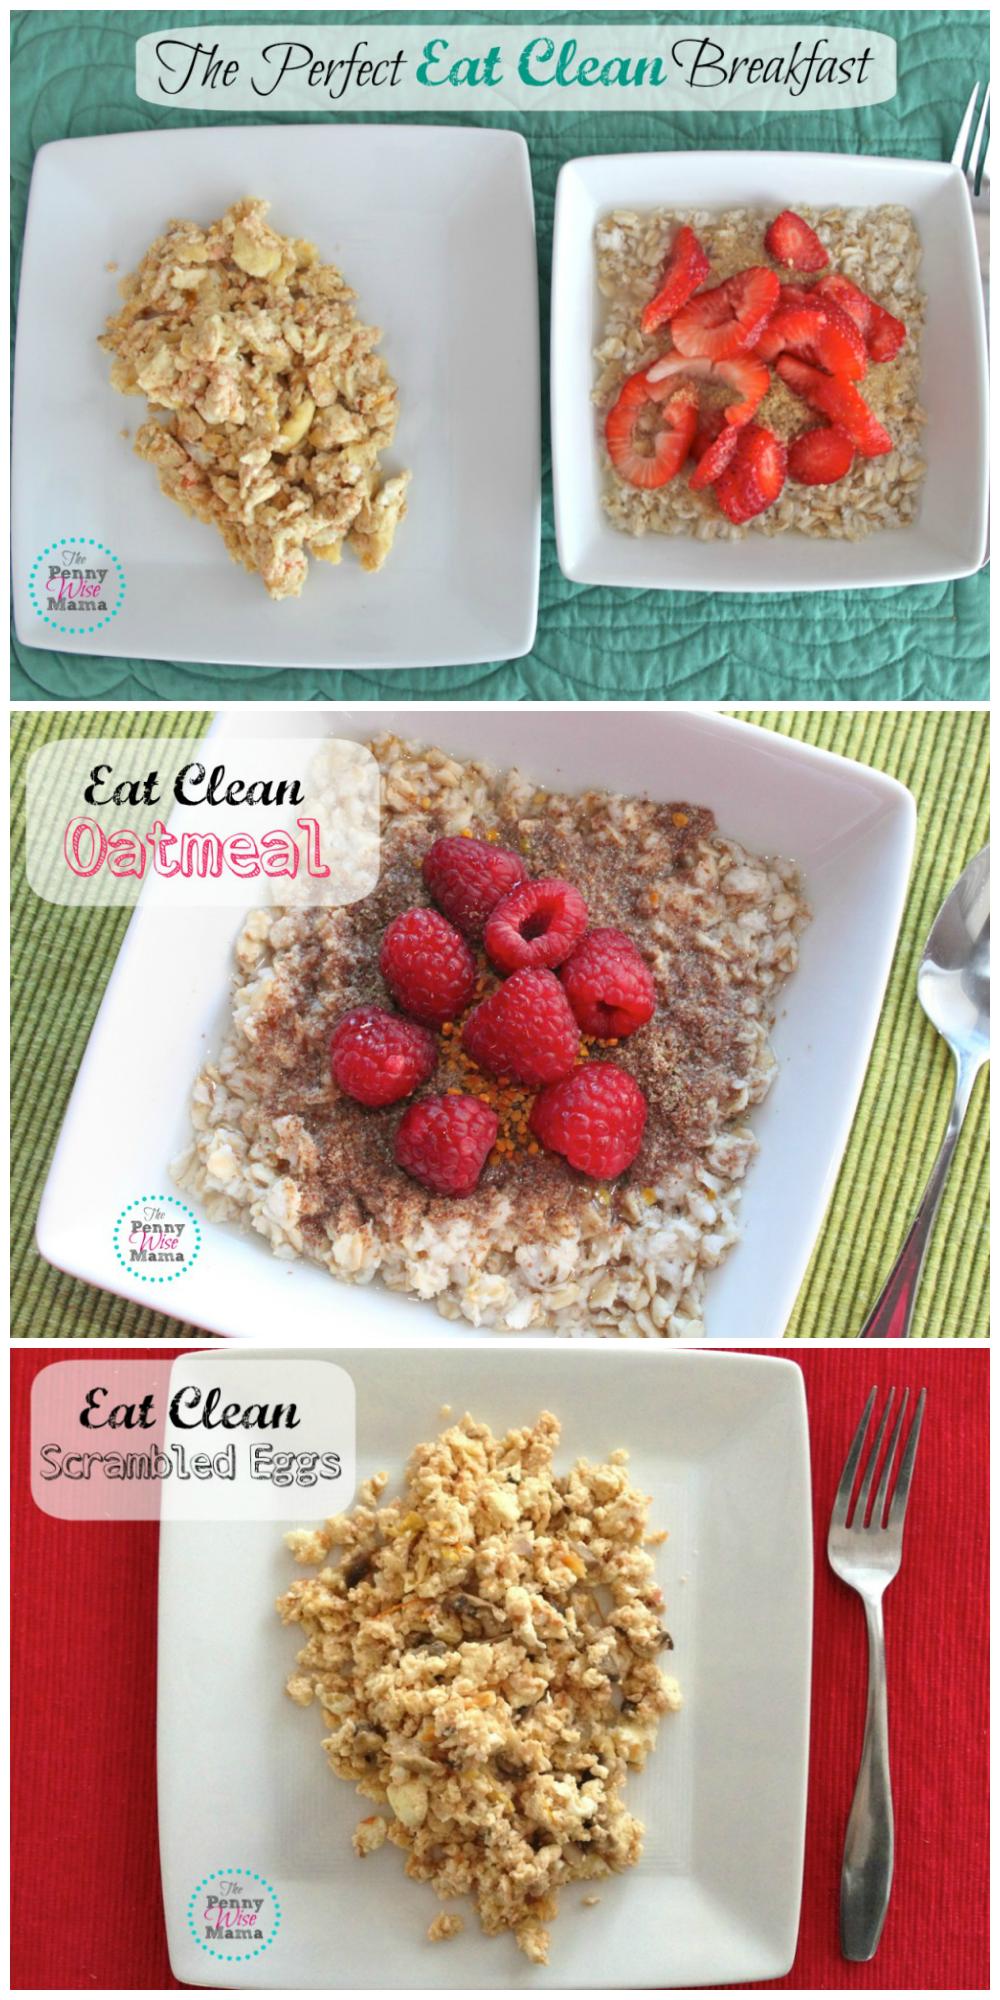 The Best Eat Clean Breakfast